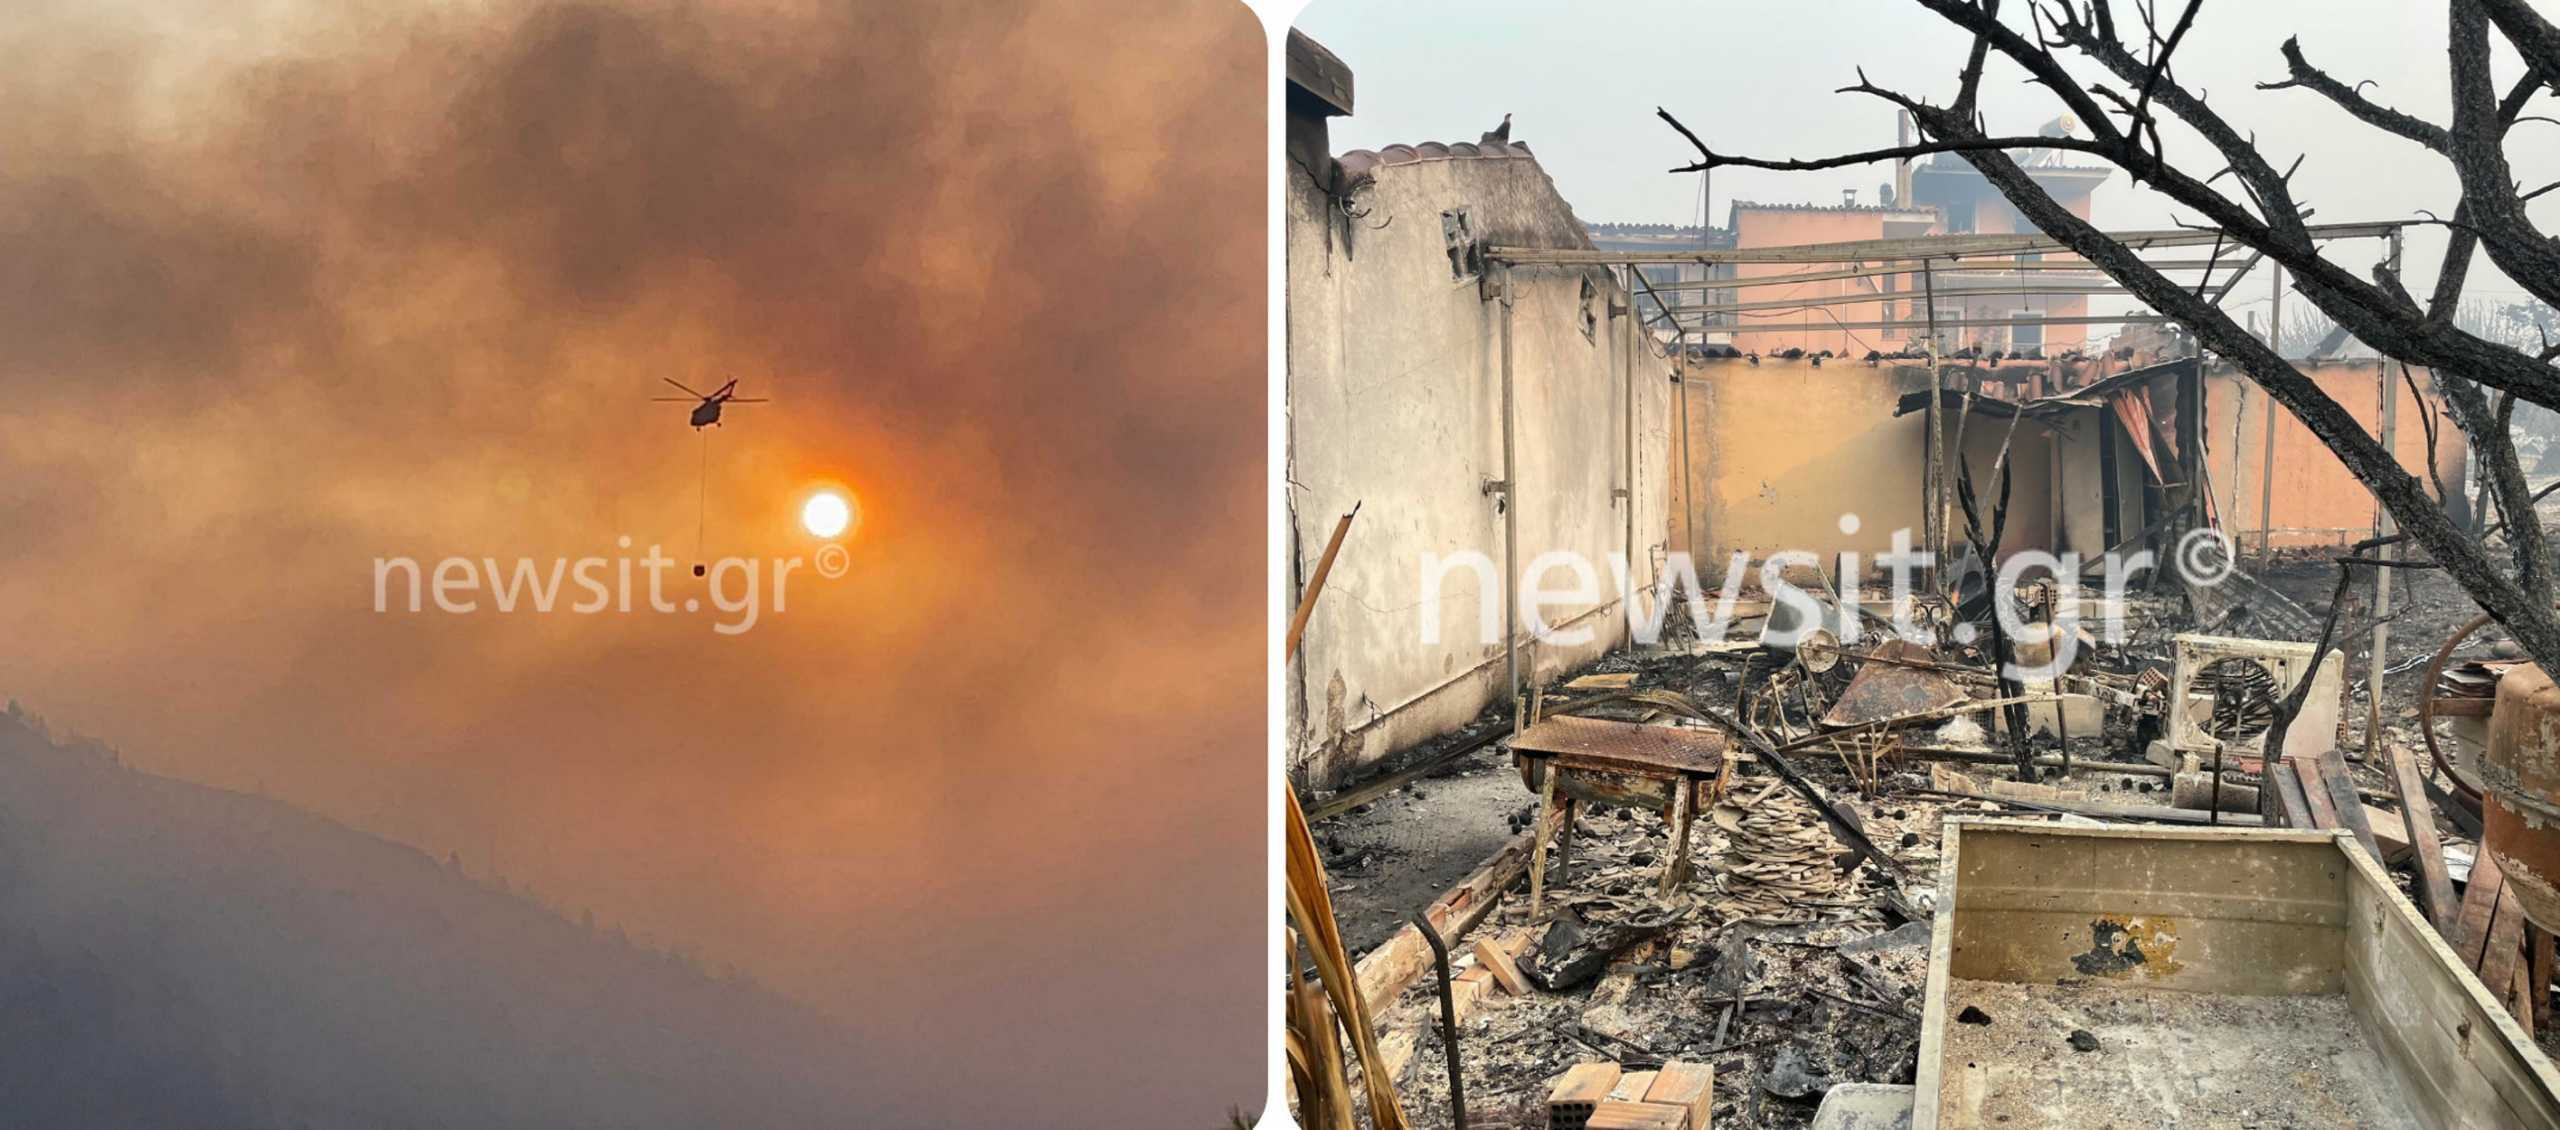 Φωτιά στην Εύβοια: Δεν σταματιέται το πύρινο μέτωπο – Βοήθεια από Σουηδία και Γαλλία